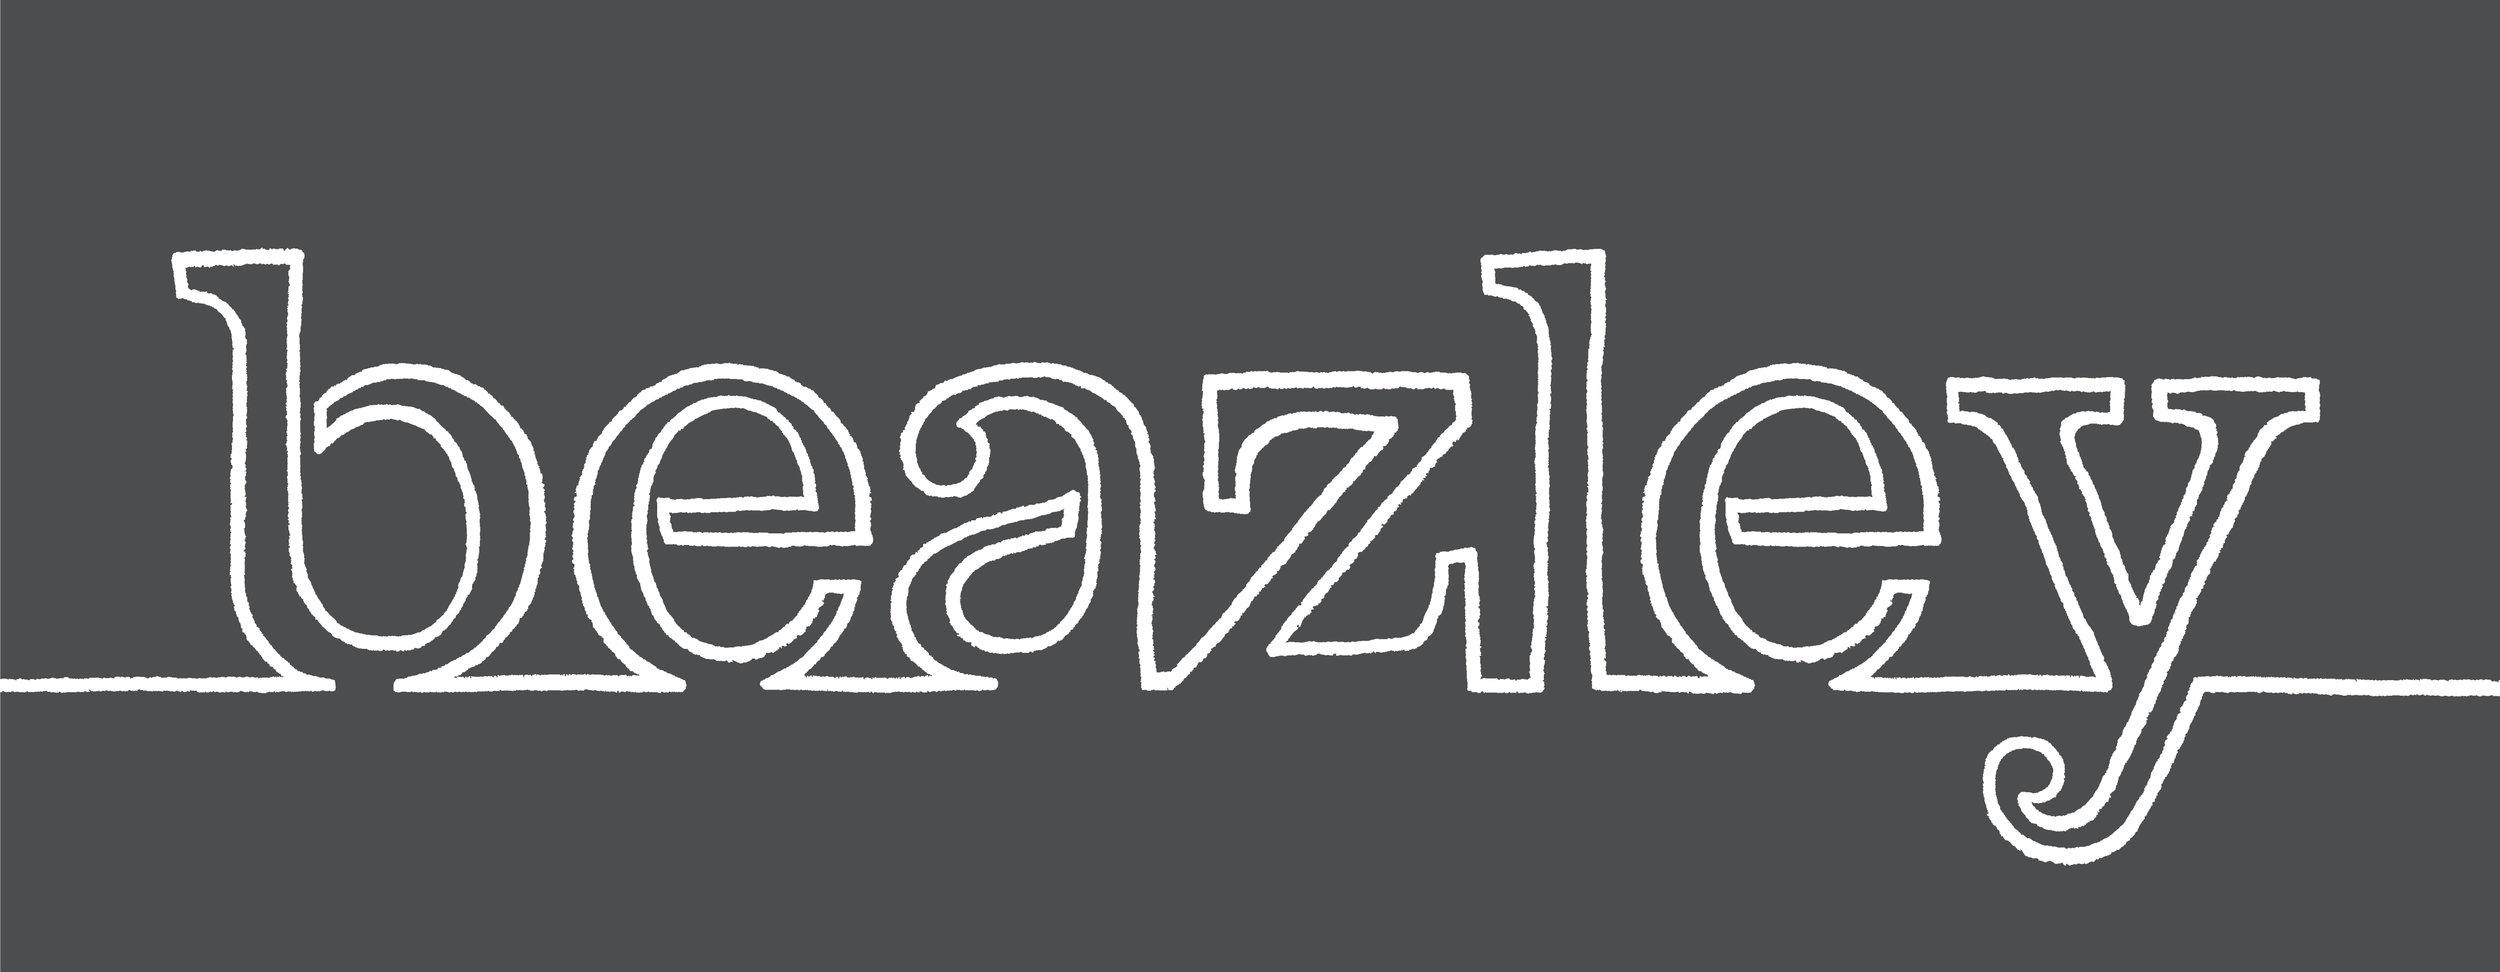 Beazley Third Party Logo.jpg